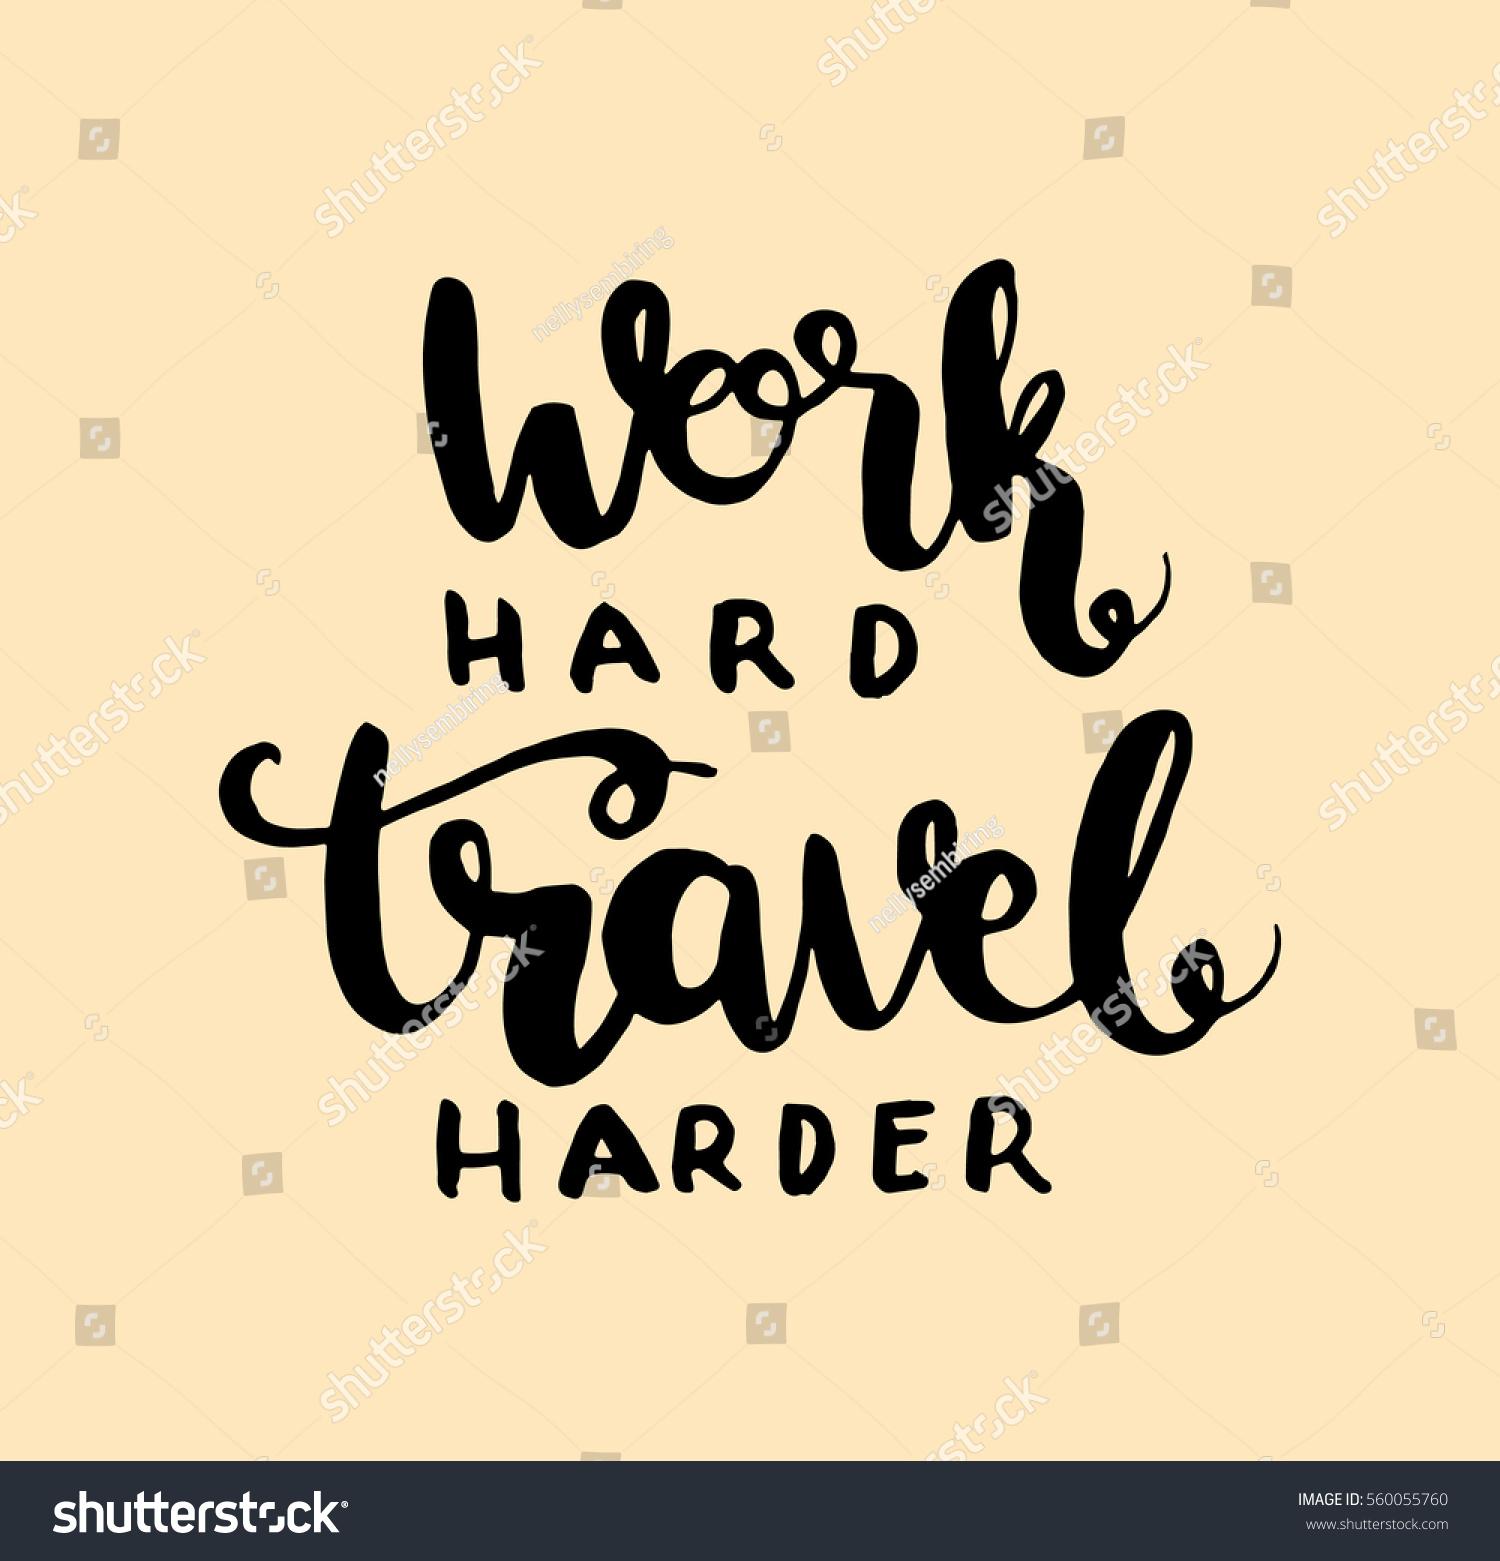 Work Hard Travel Harder Hand Lettered Stock Vector 560055760 ...